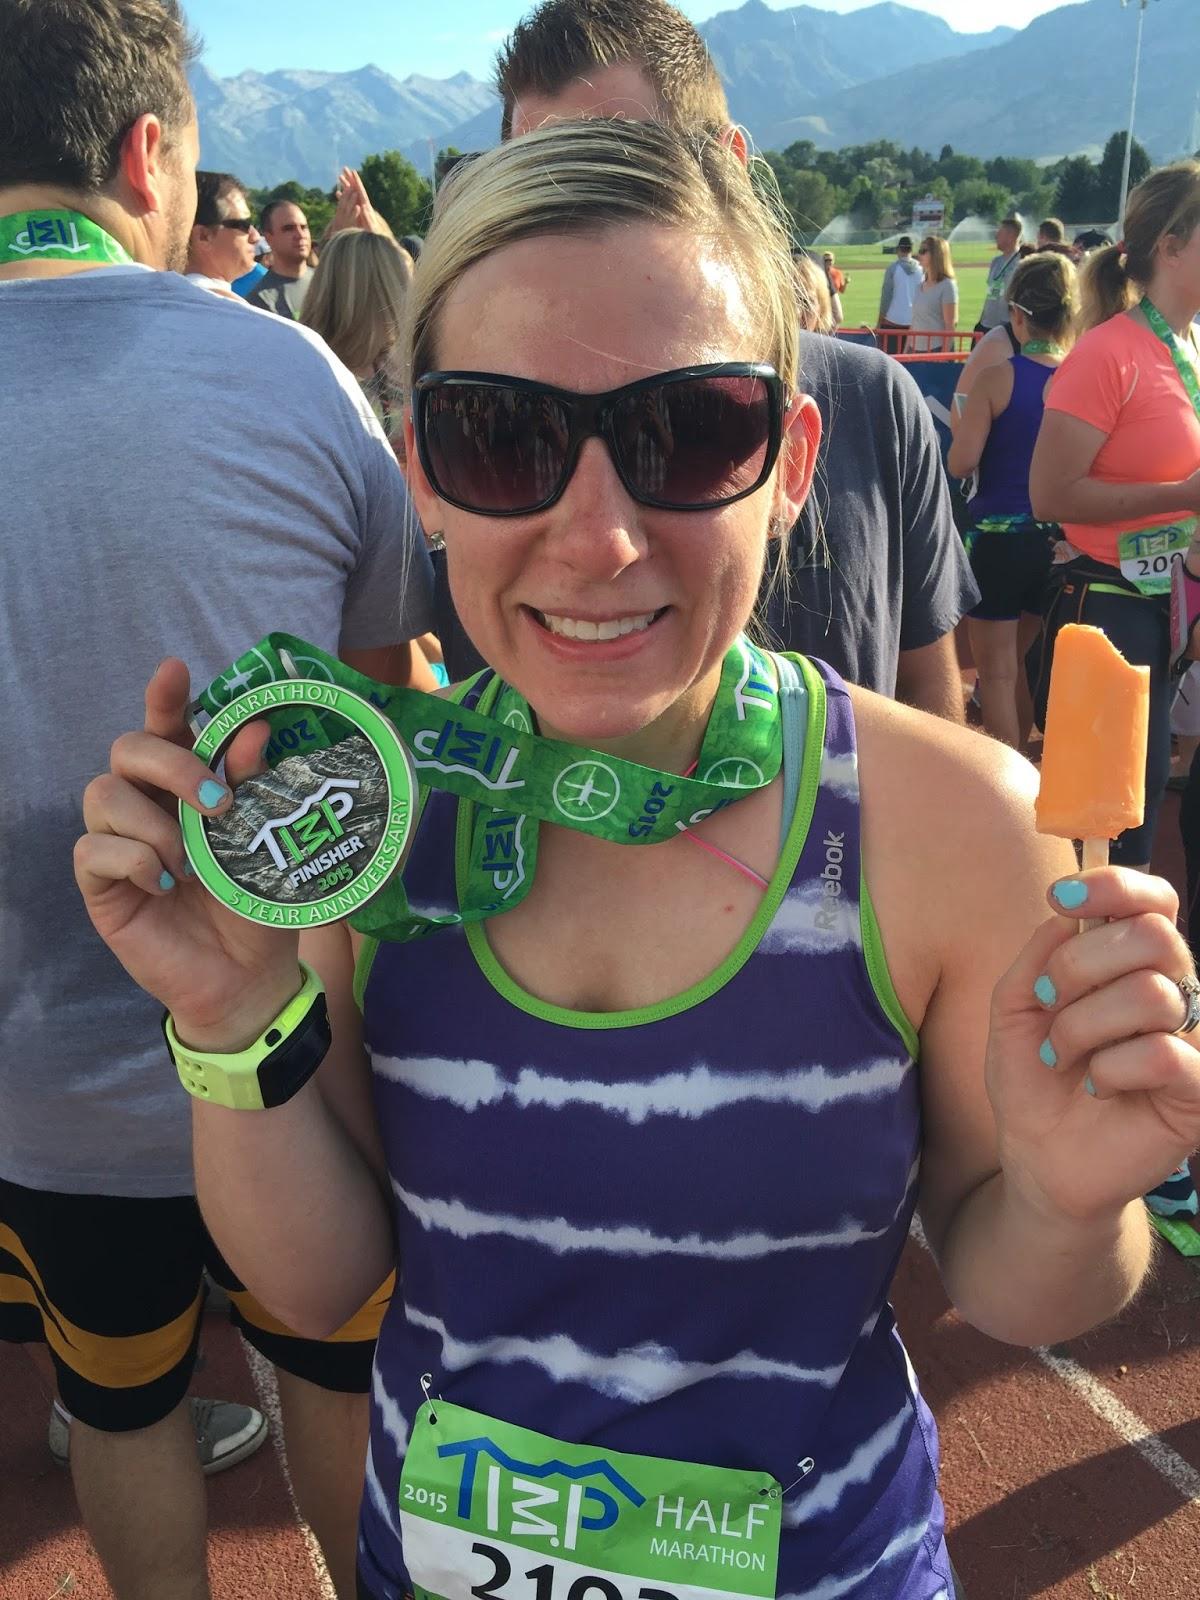 timpanogos half marathon race recap